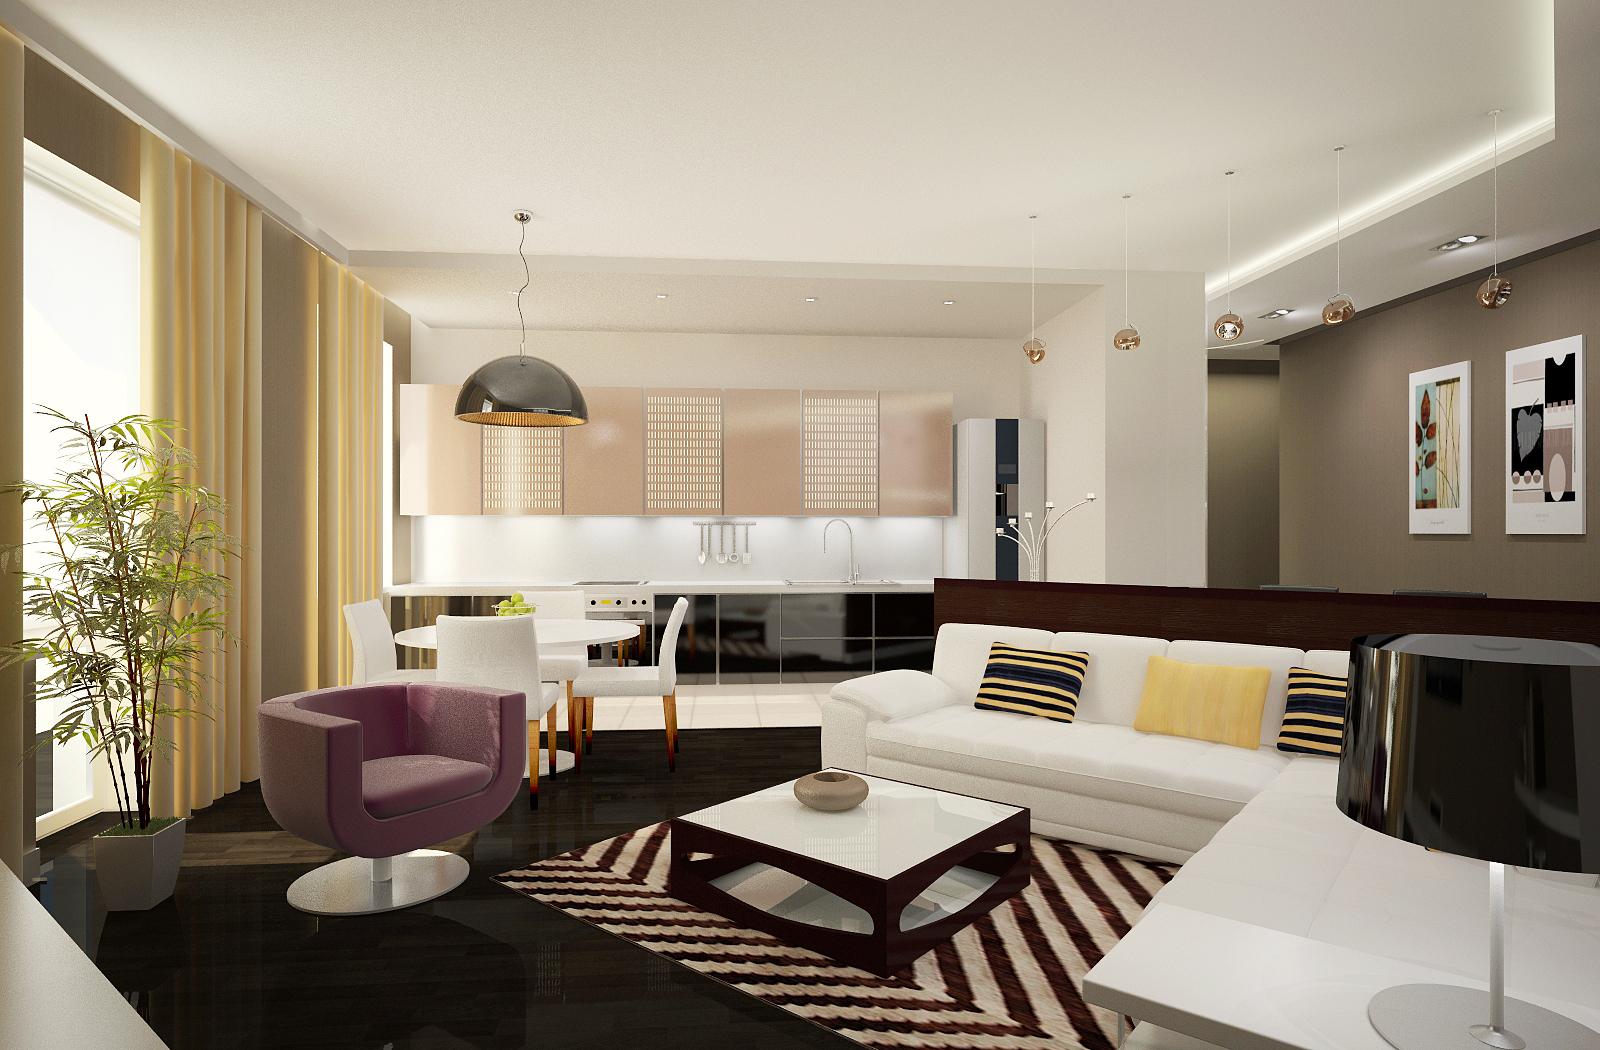 Современные дизайны квартиры кухня и гостиная Дизайн кухни, гостиной услуги дизайна домашнего